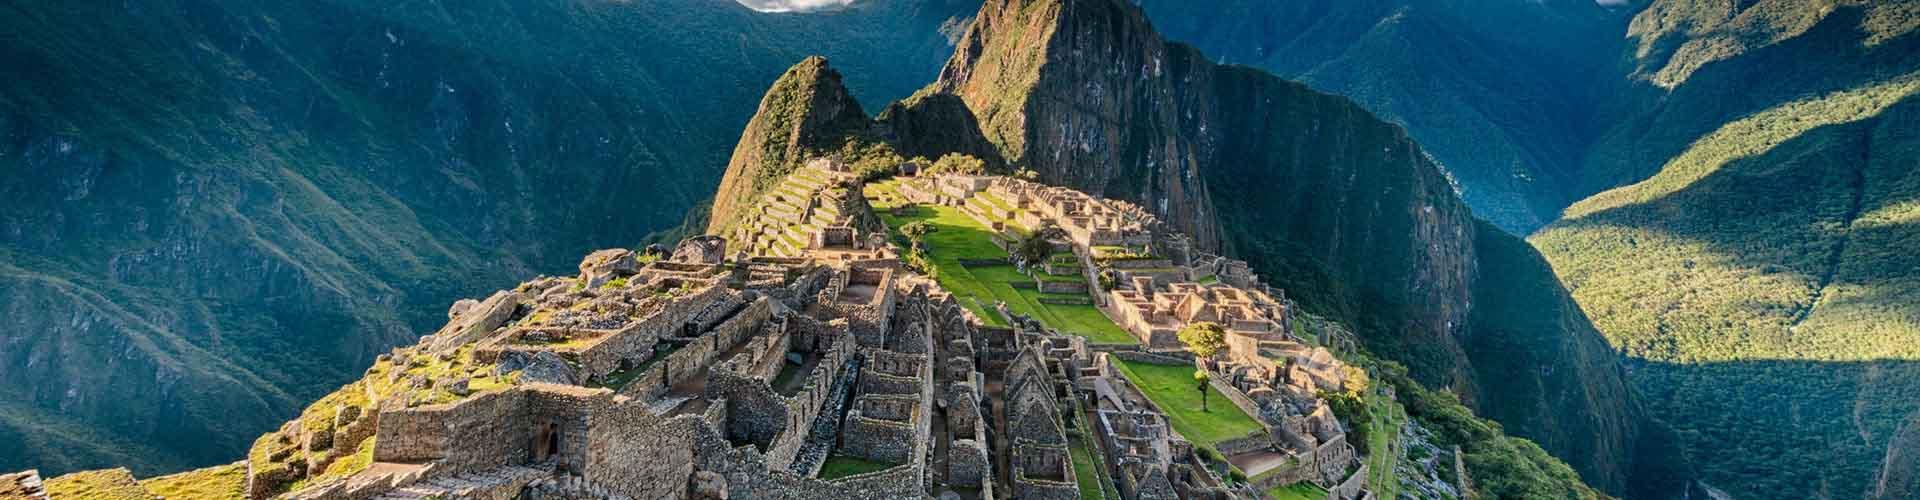 Cusco - Campamentos en Cusco. Mapas de Cusco, Fotos y comentarios de cada Campamento en Cusco.